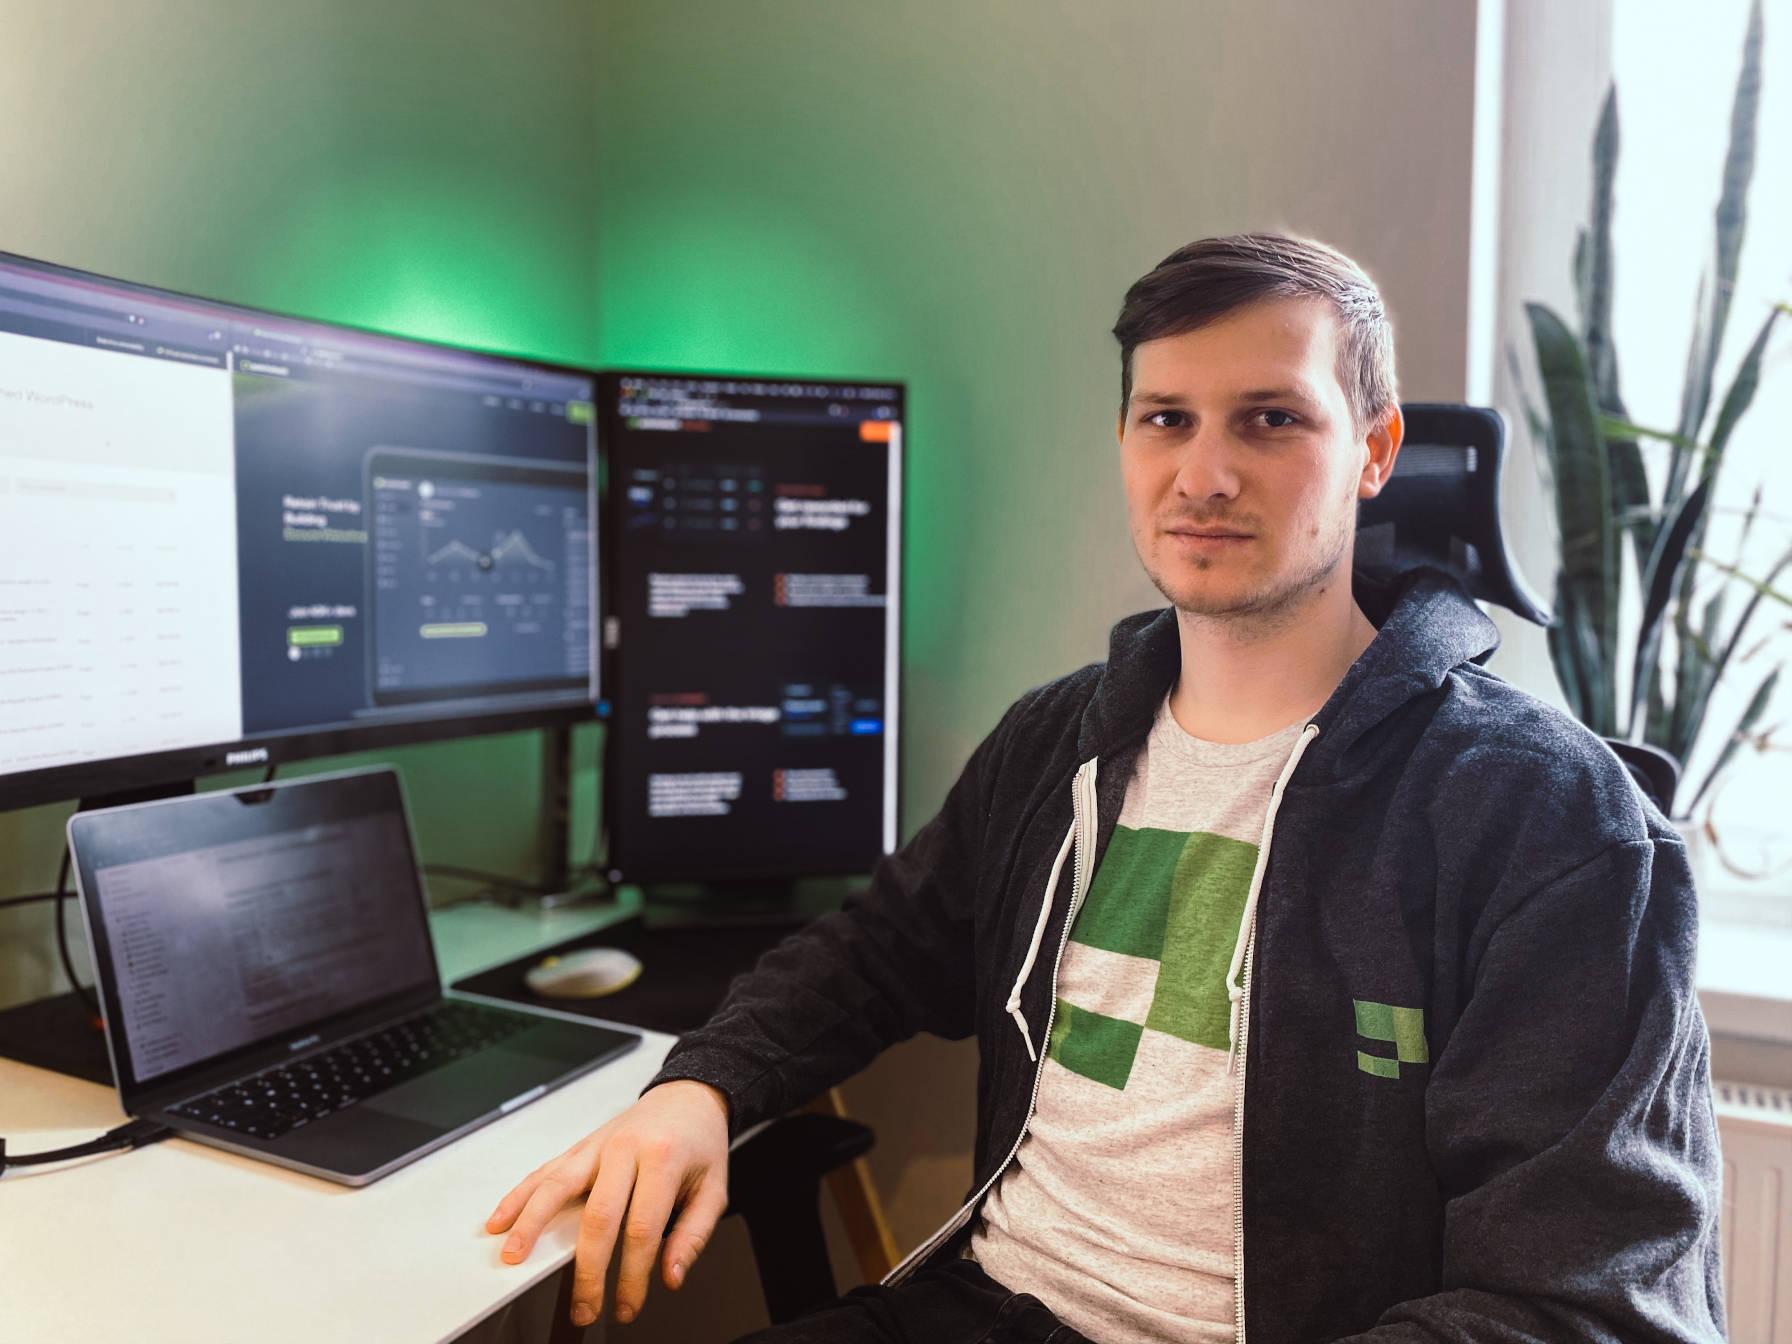 Le fondateur et PDG de Patchstack, Oliver Sild, assis à un bureau avec un ordinateur portable et des moniteurs.